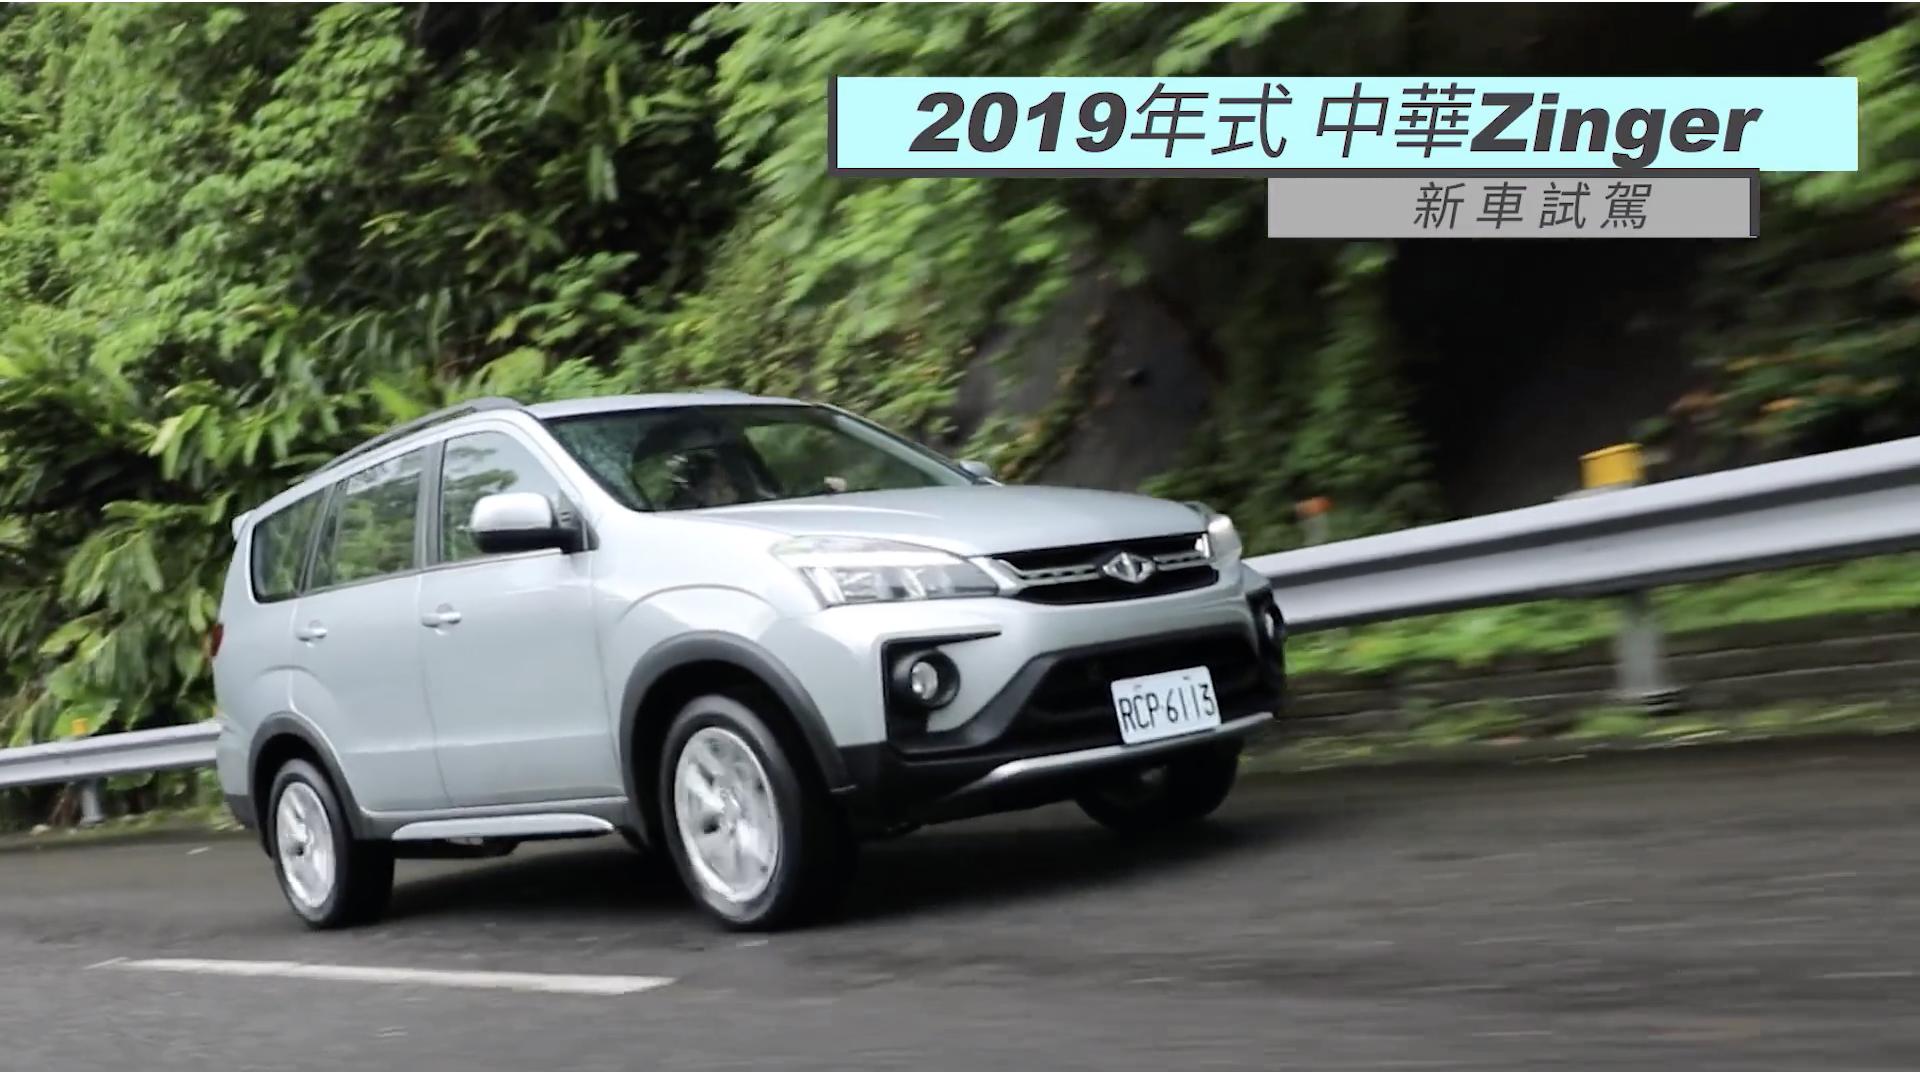 安全加持!跳脫商旅框架 中華汽車 Zinger | 新車試駕